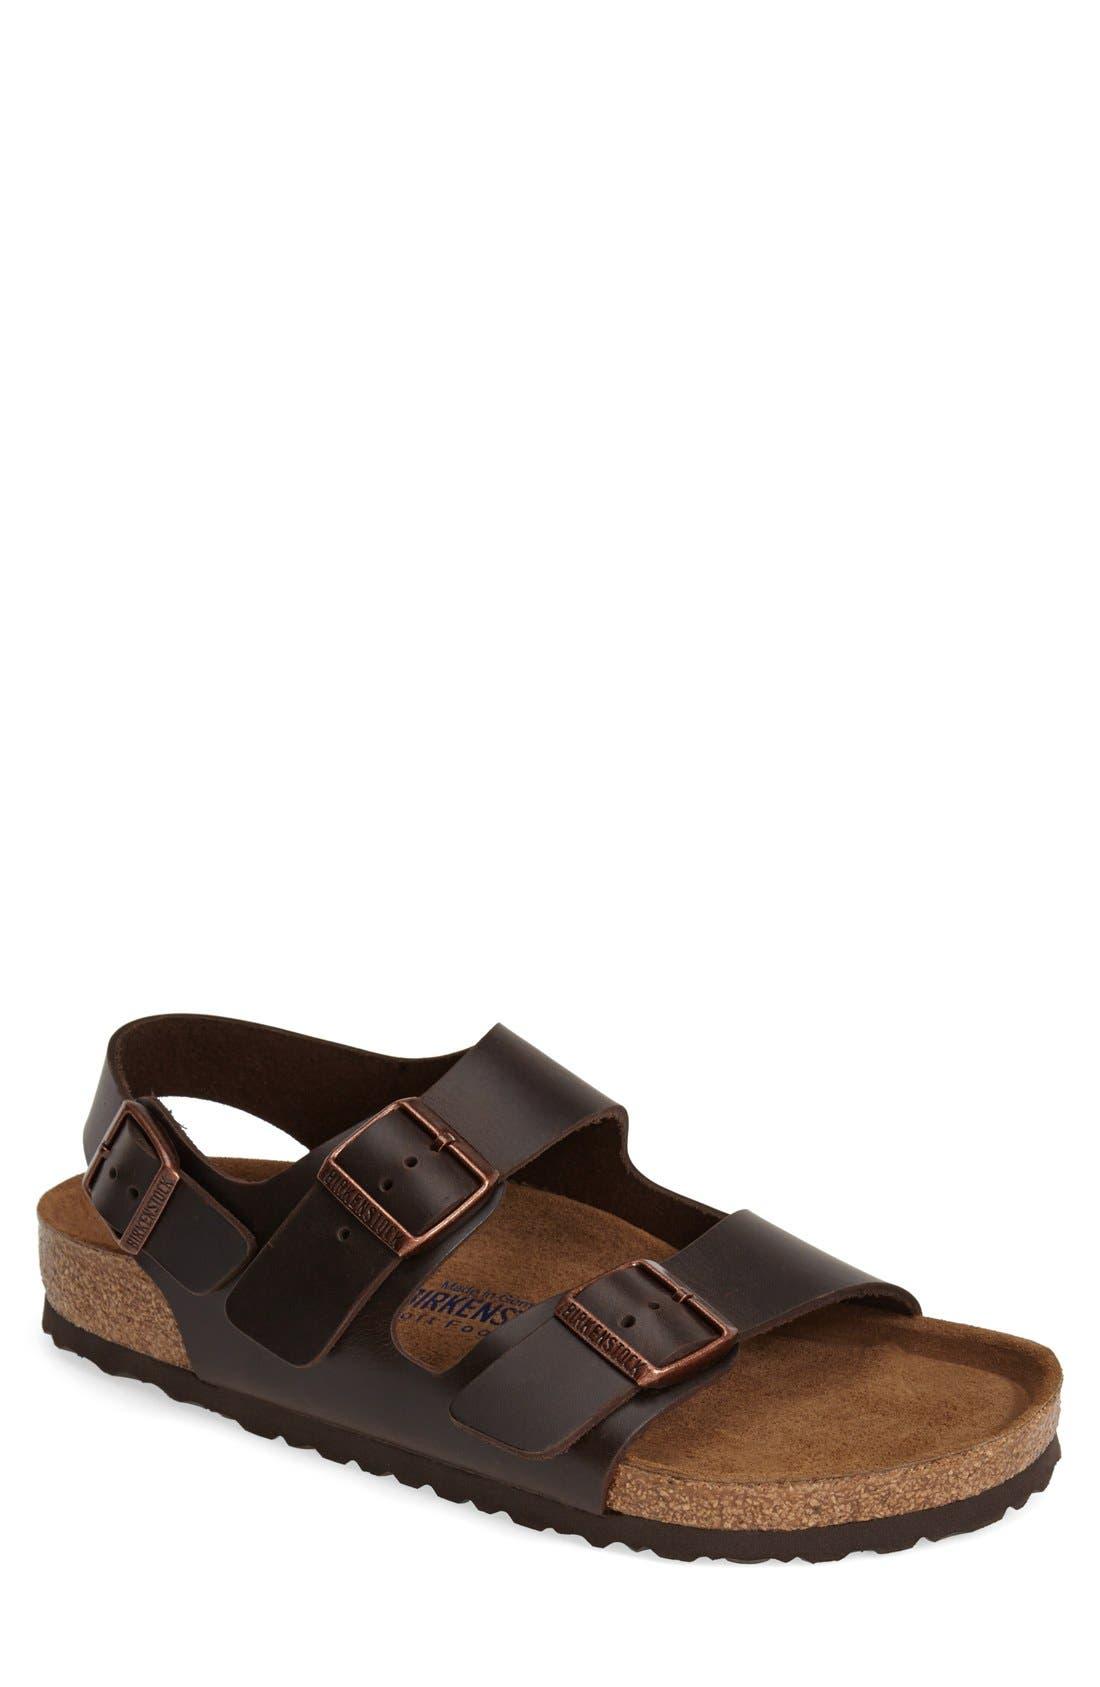 'Milano' Soft Footbed Sandal,                             Main thumbnail 1, color,                             AMALFI BROWN